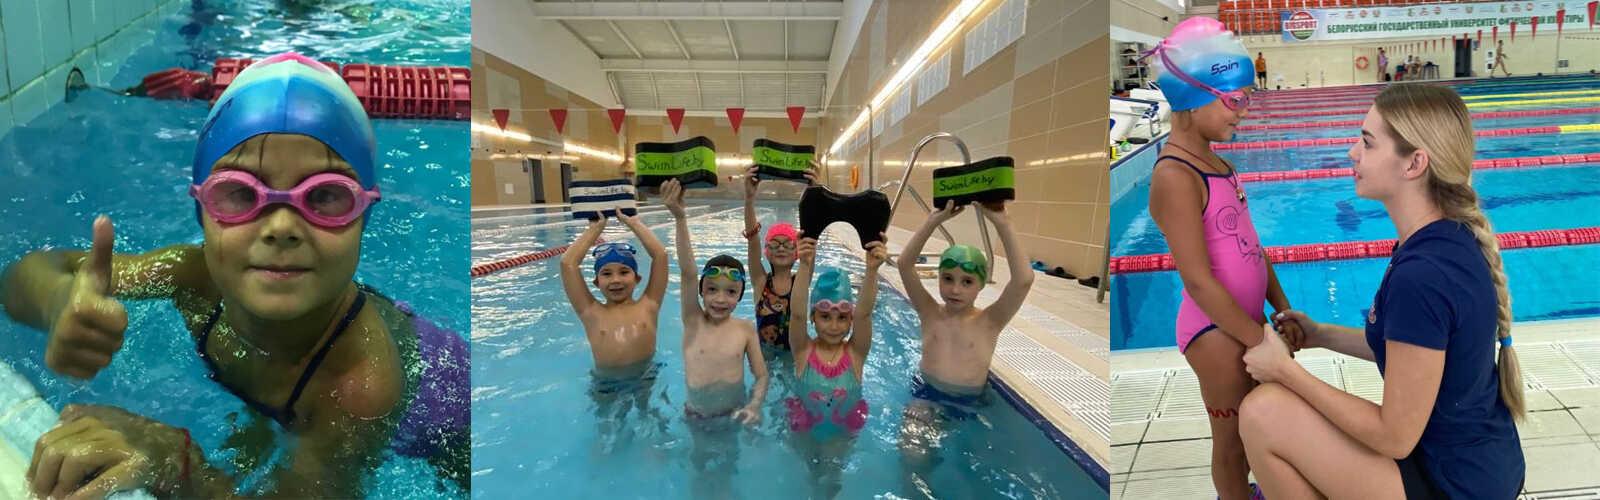 Плавание цена на обучение детей, взрослых, купить в бассейне Минска